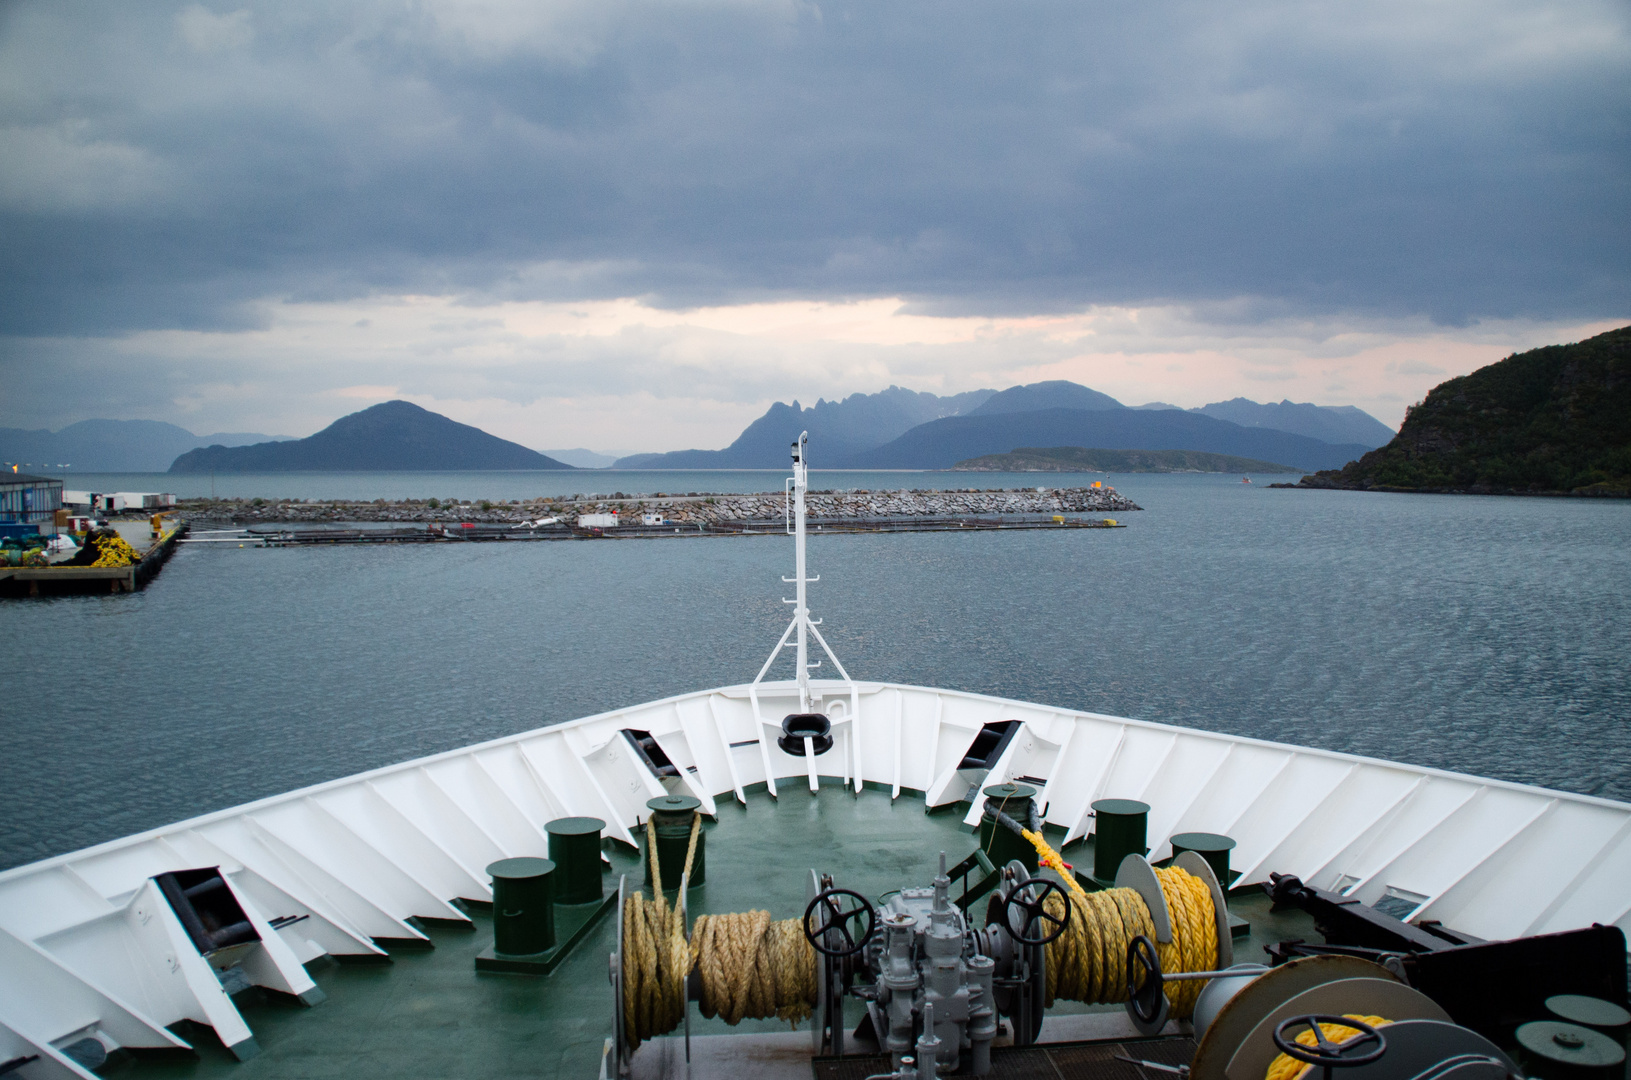 ausfahrt aus dem Hafen